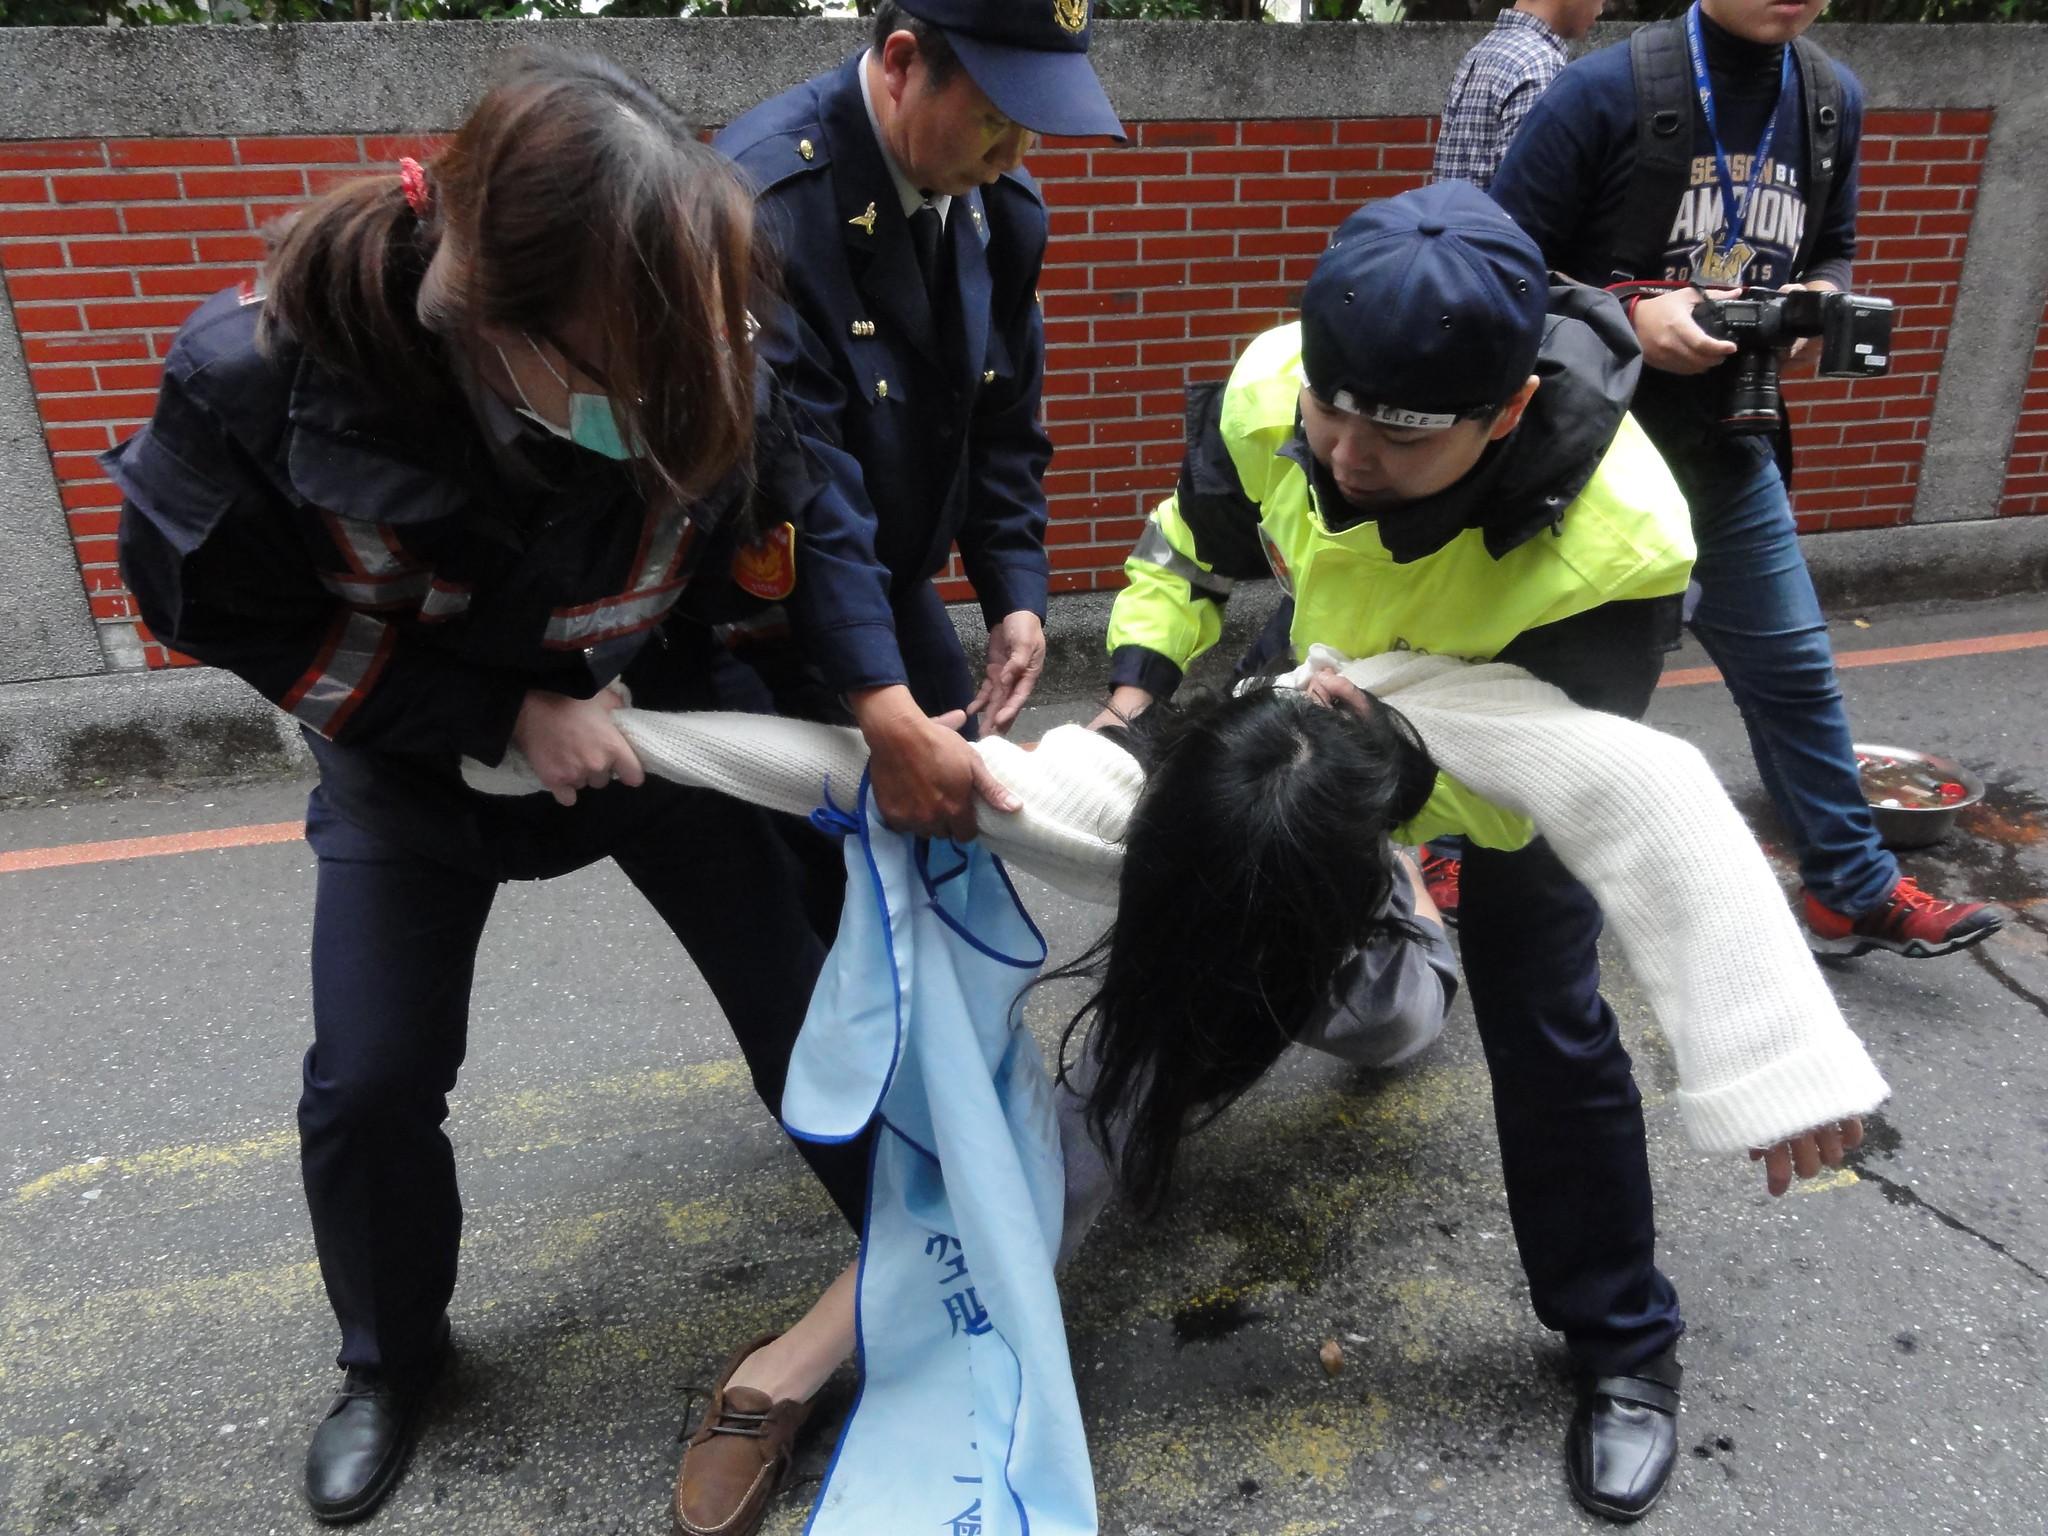 12月2日當天,警方將抗爭者拉離立院外青島東路口。(攝影:張智琦)